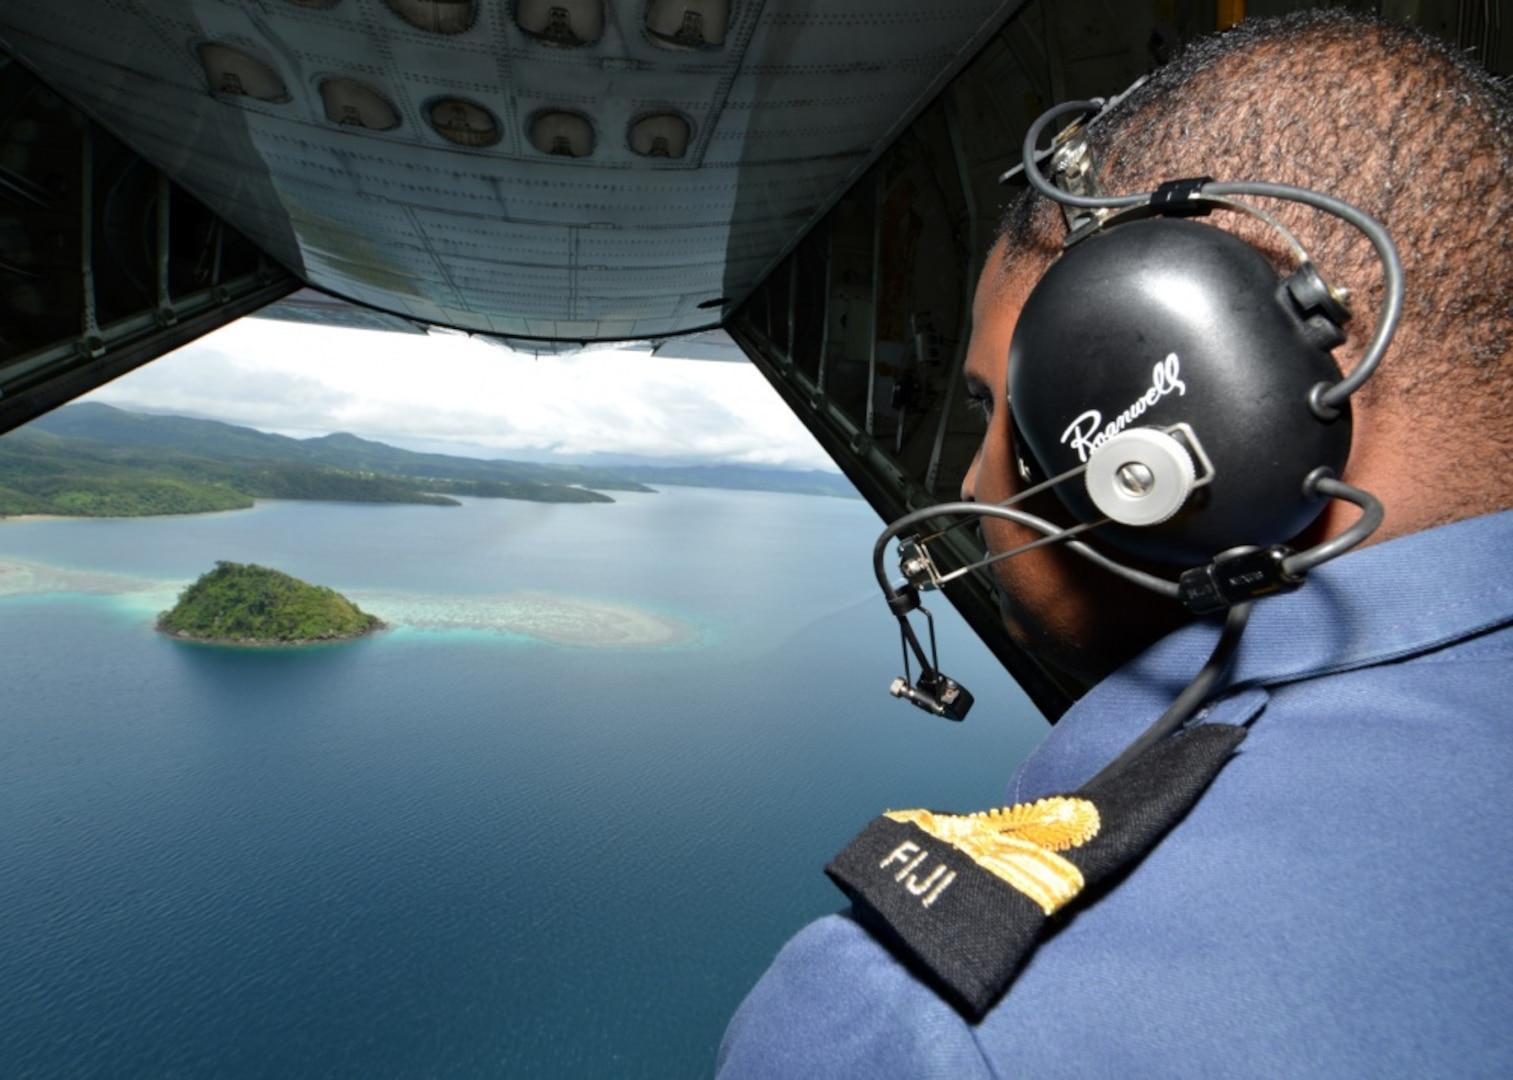 Fijian Shiprider Joins Coast Guard Aircrew on Patrol